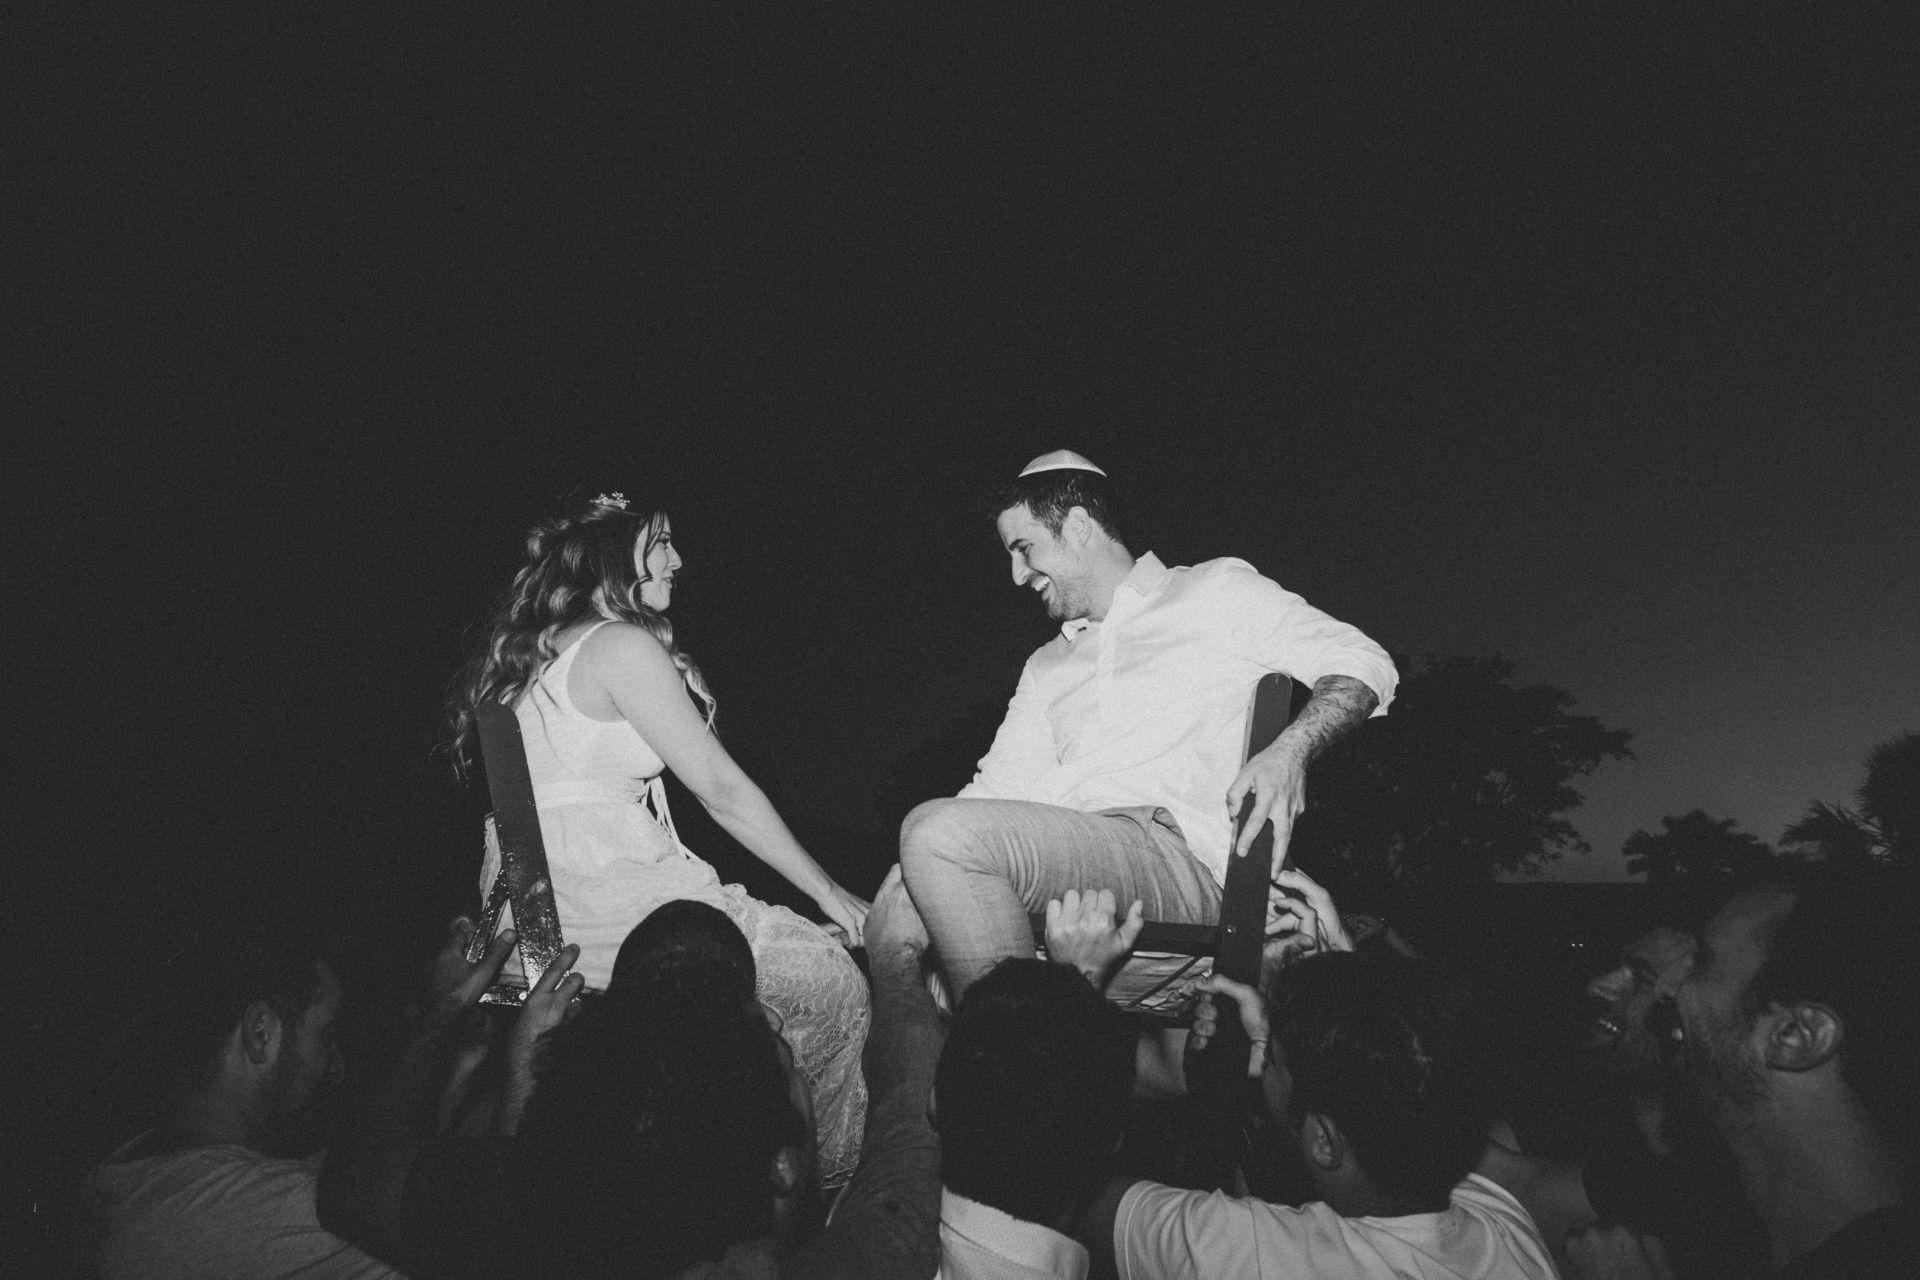 החתונה האינטימית על שפת הכינרת של דניאל ושרון